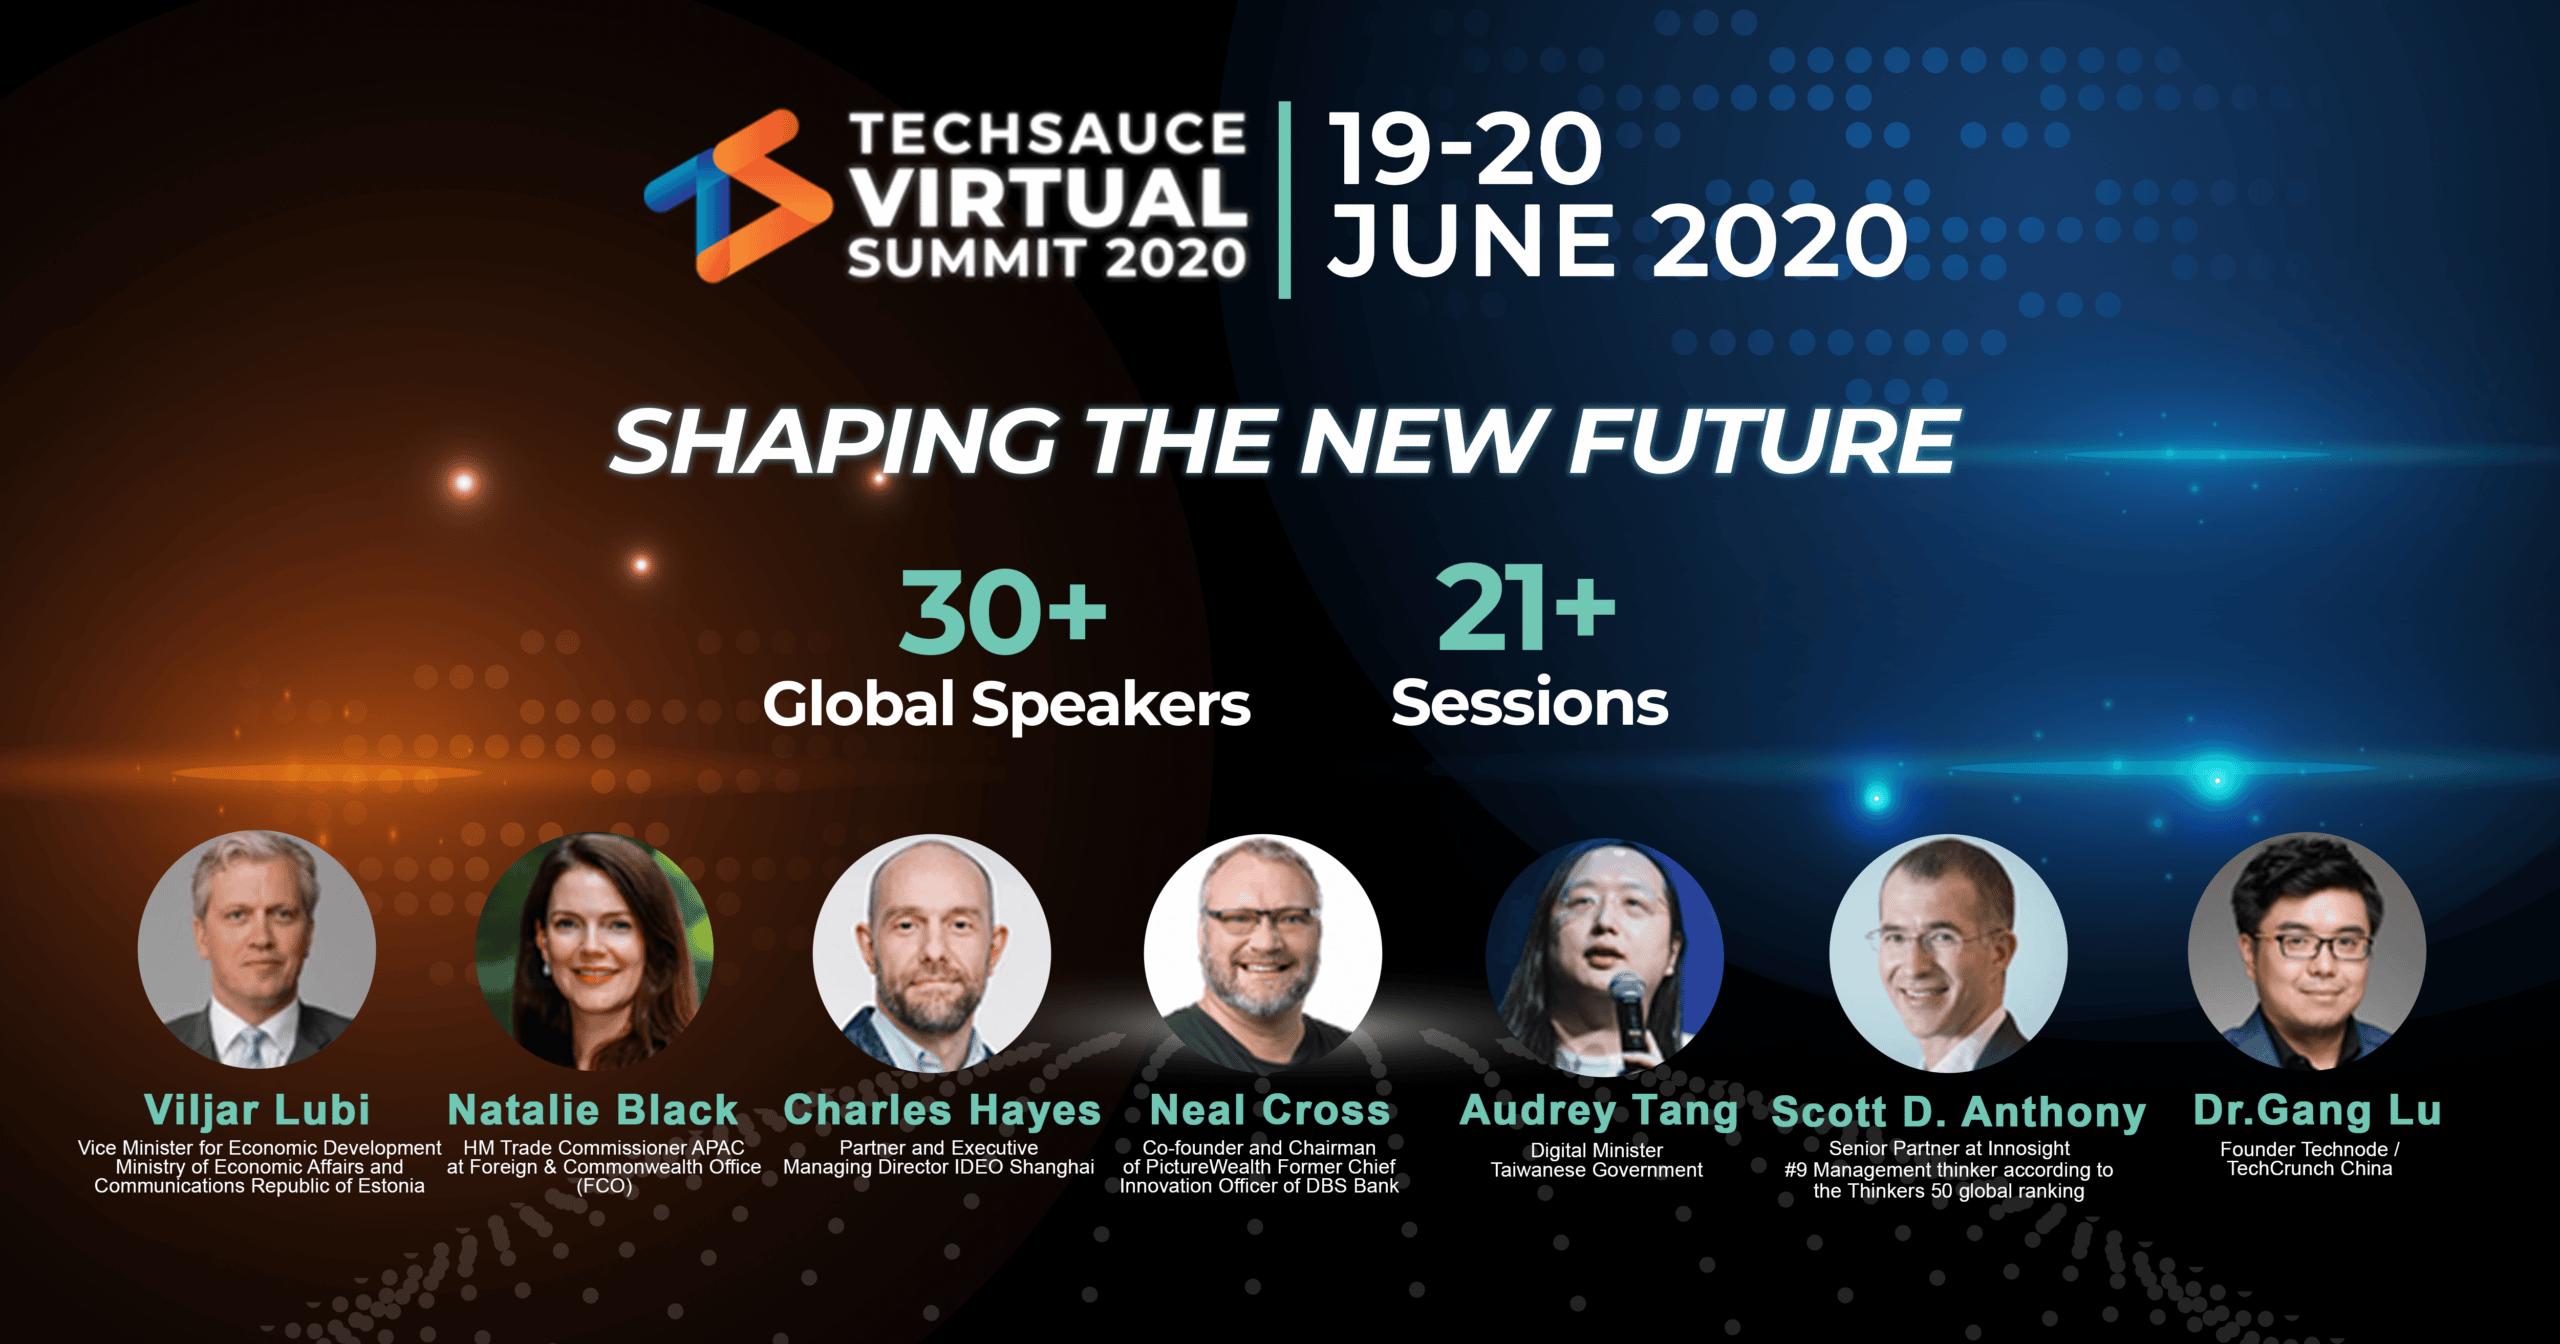 """ธุรกิจจะเป็นอย่างไรหลังจบโควิด-19 หาคำตอบได้ที่งาน """"Techsauce Virtual Summit 2020"""""""